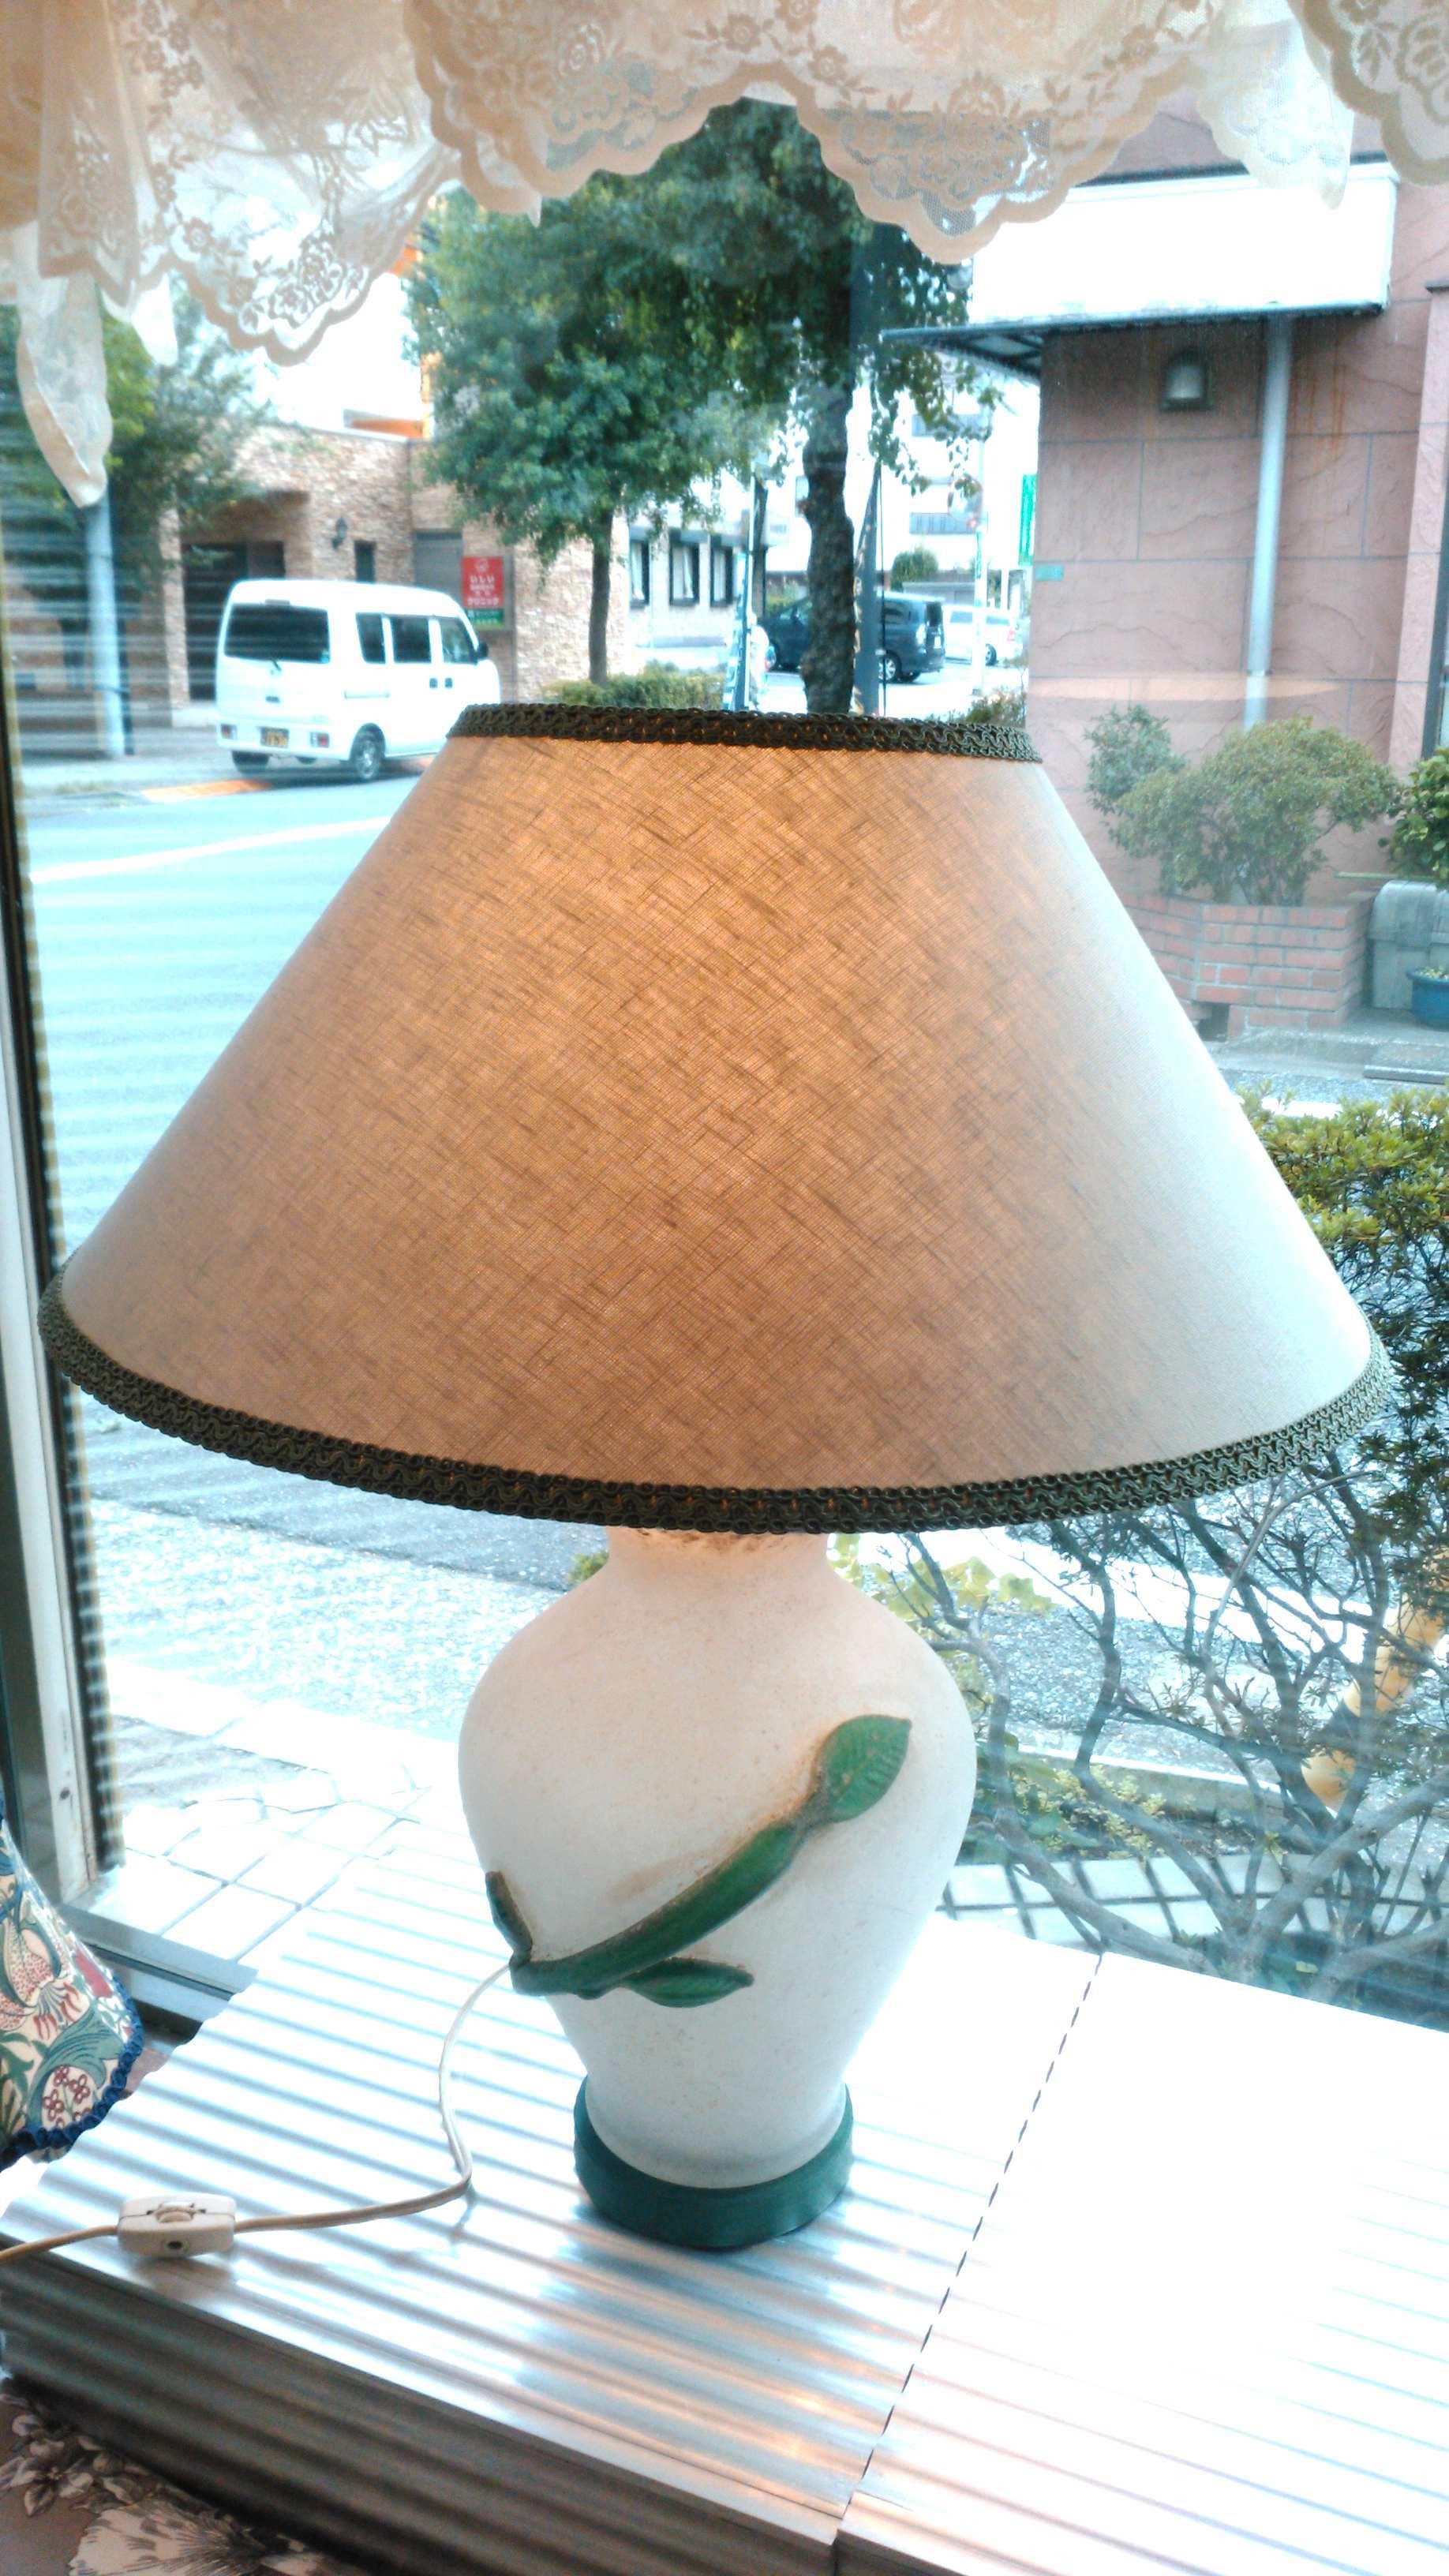 ランプシェード 張替 ウィリアムモリス正規販売店のブライト_c0157866_19255517.jpg